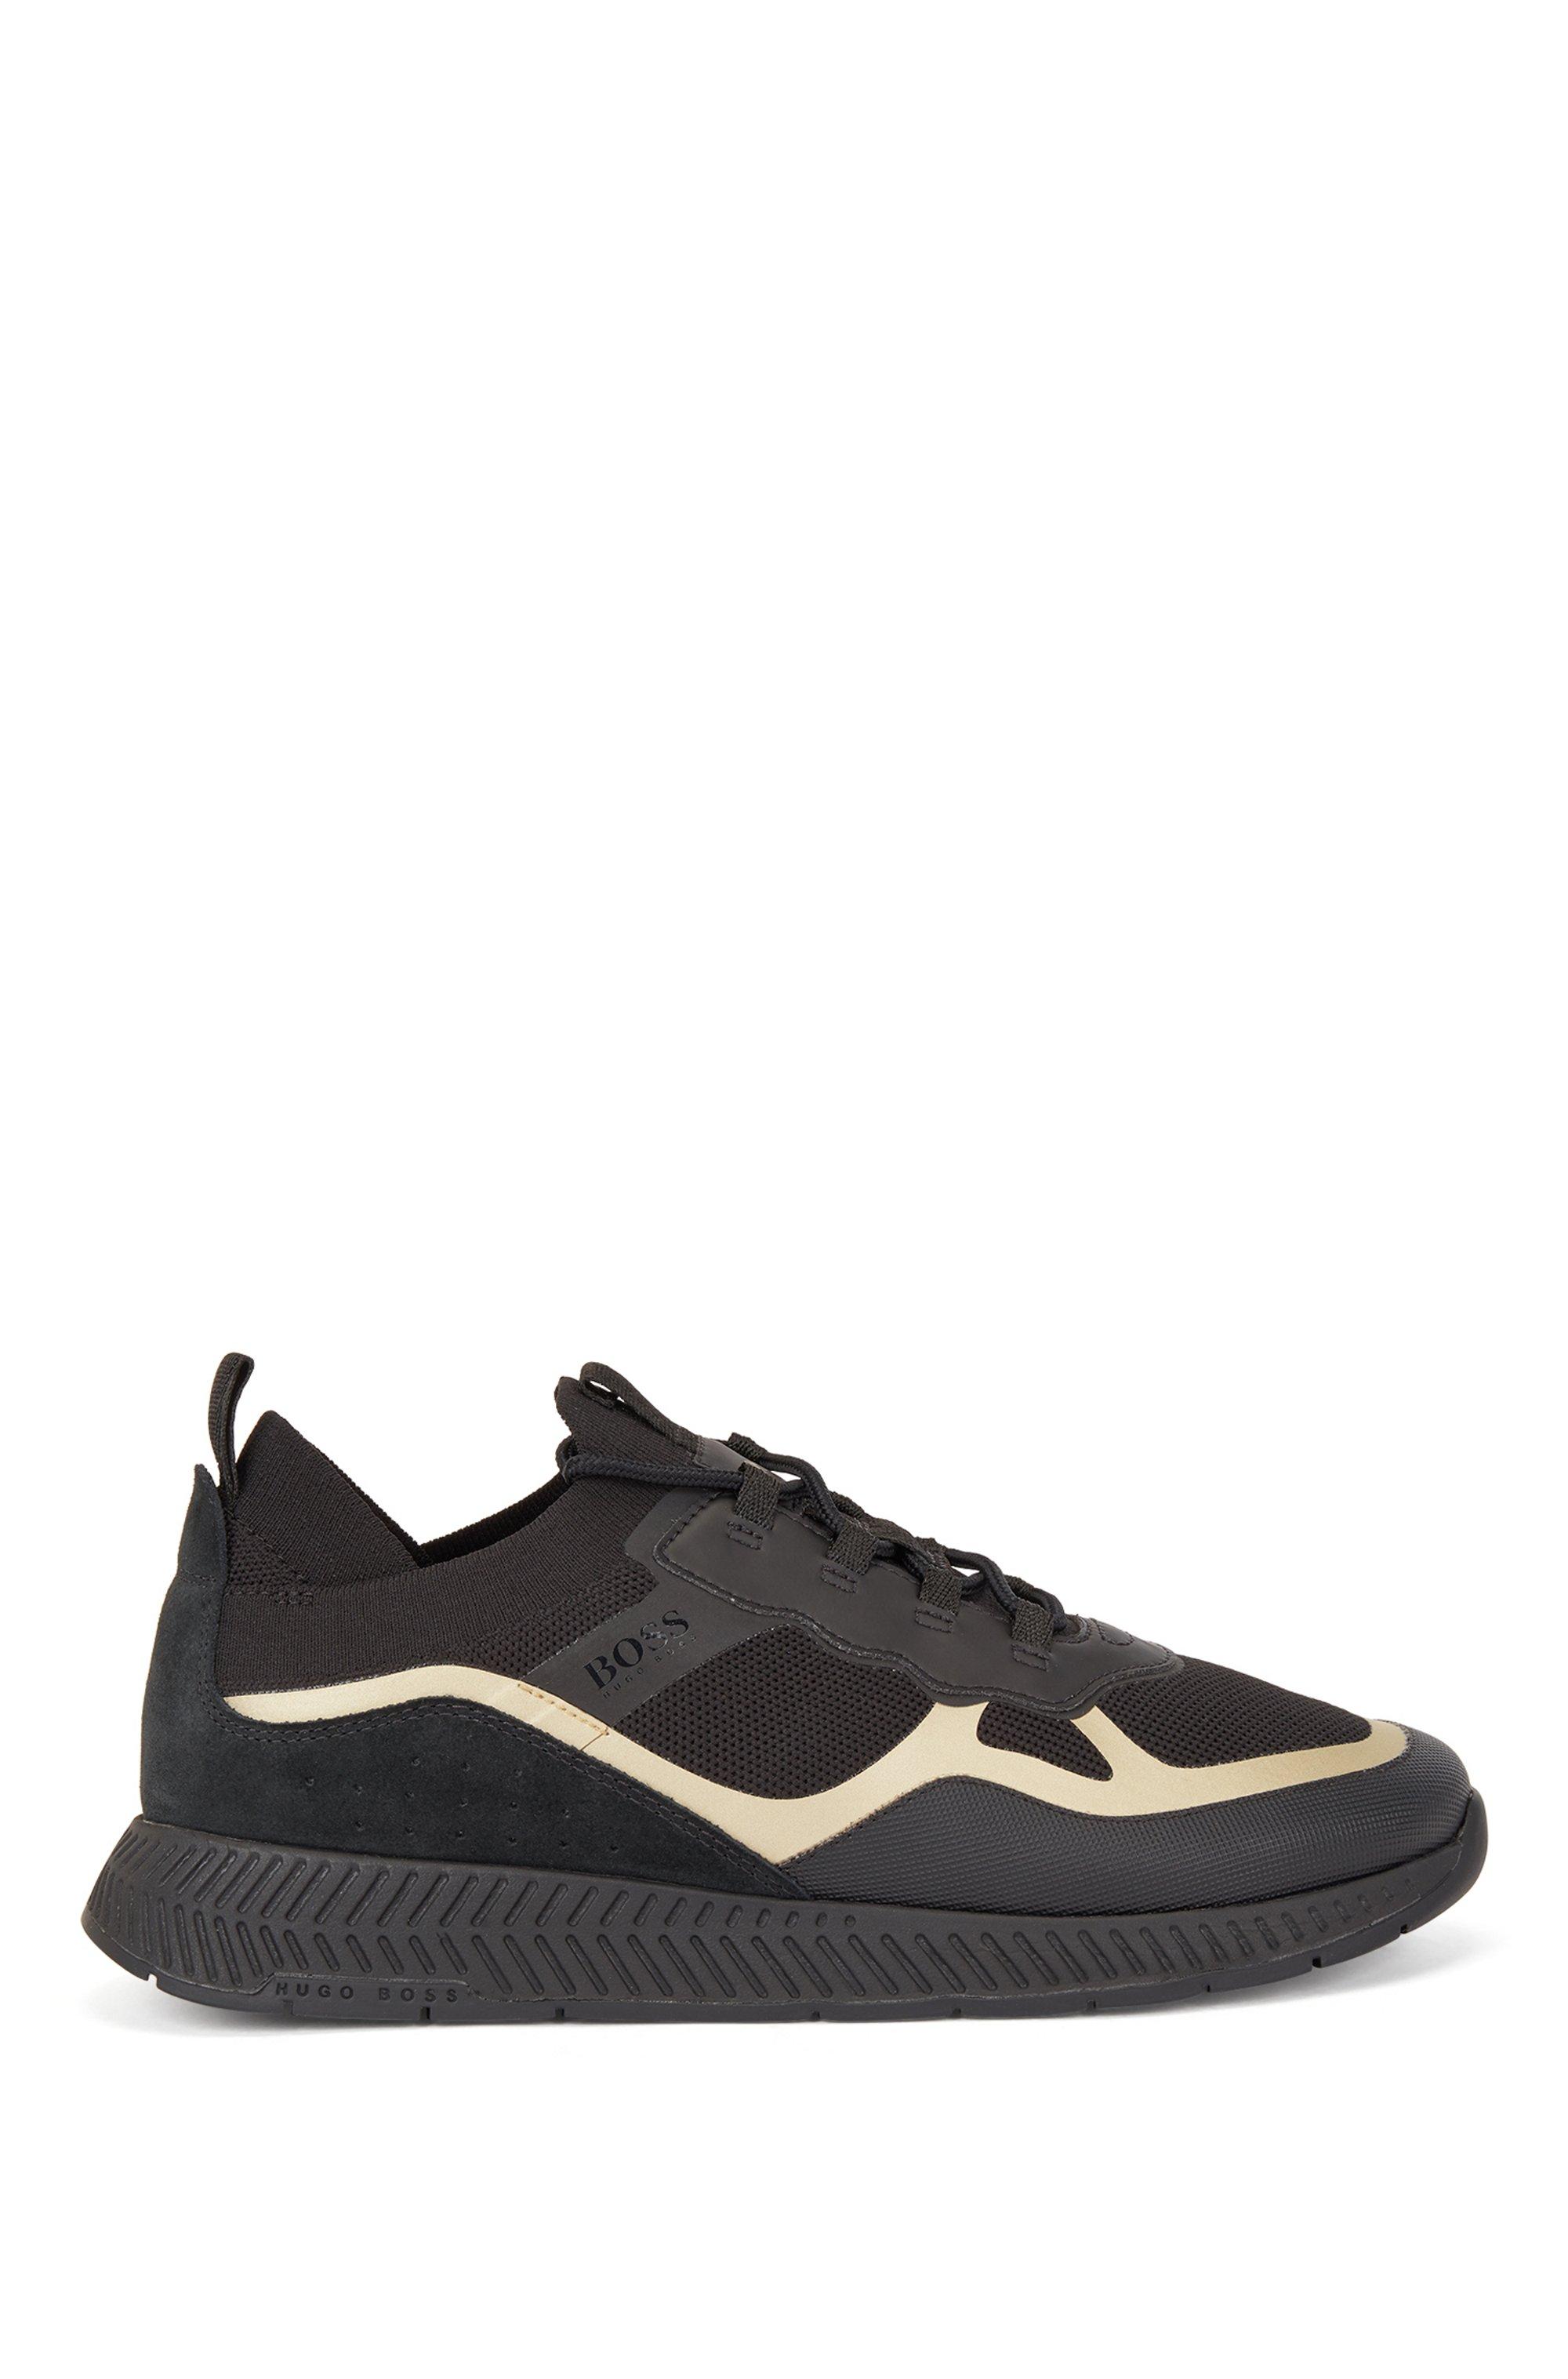 Baskets style chaussettes avec tige REPREVE® et détails thermocollés, Noir